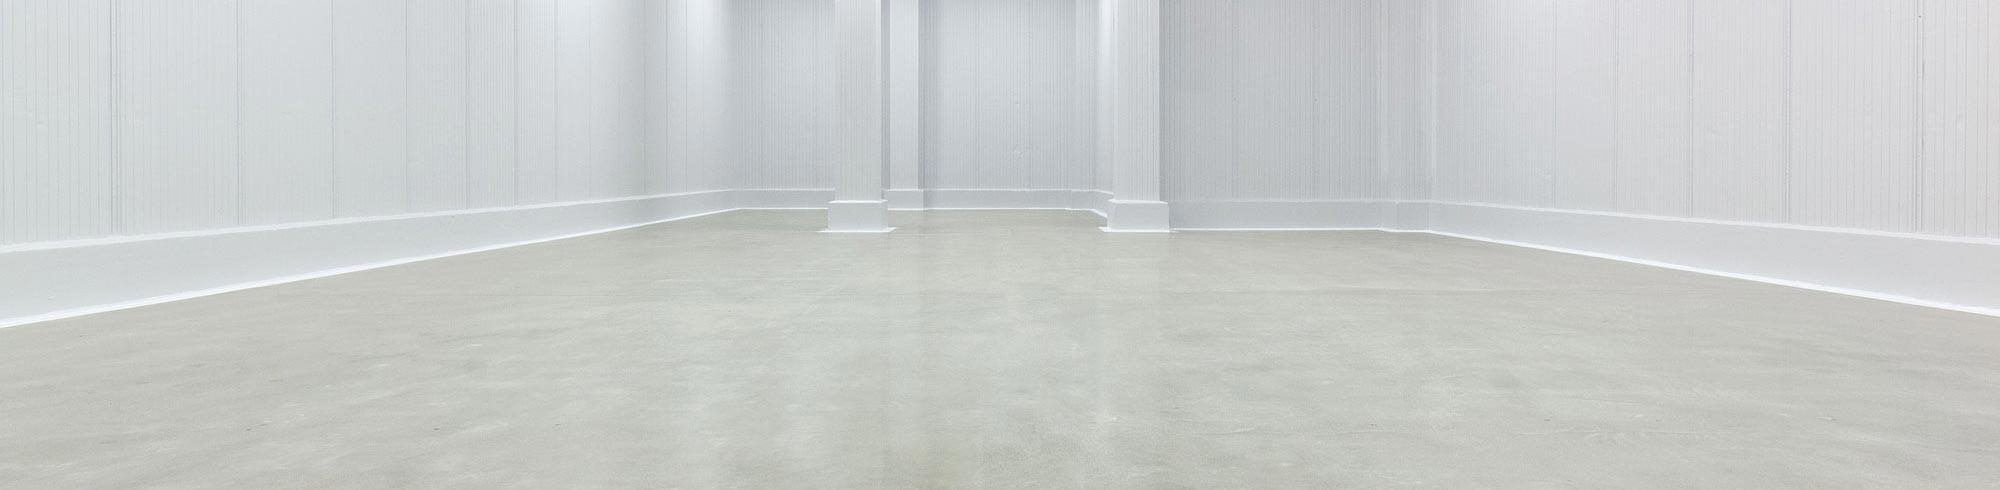 polierung von betonb den industrieboden f r industriehallen. Black Bedroom Furniture Sets. Home Design Ideas